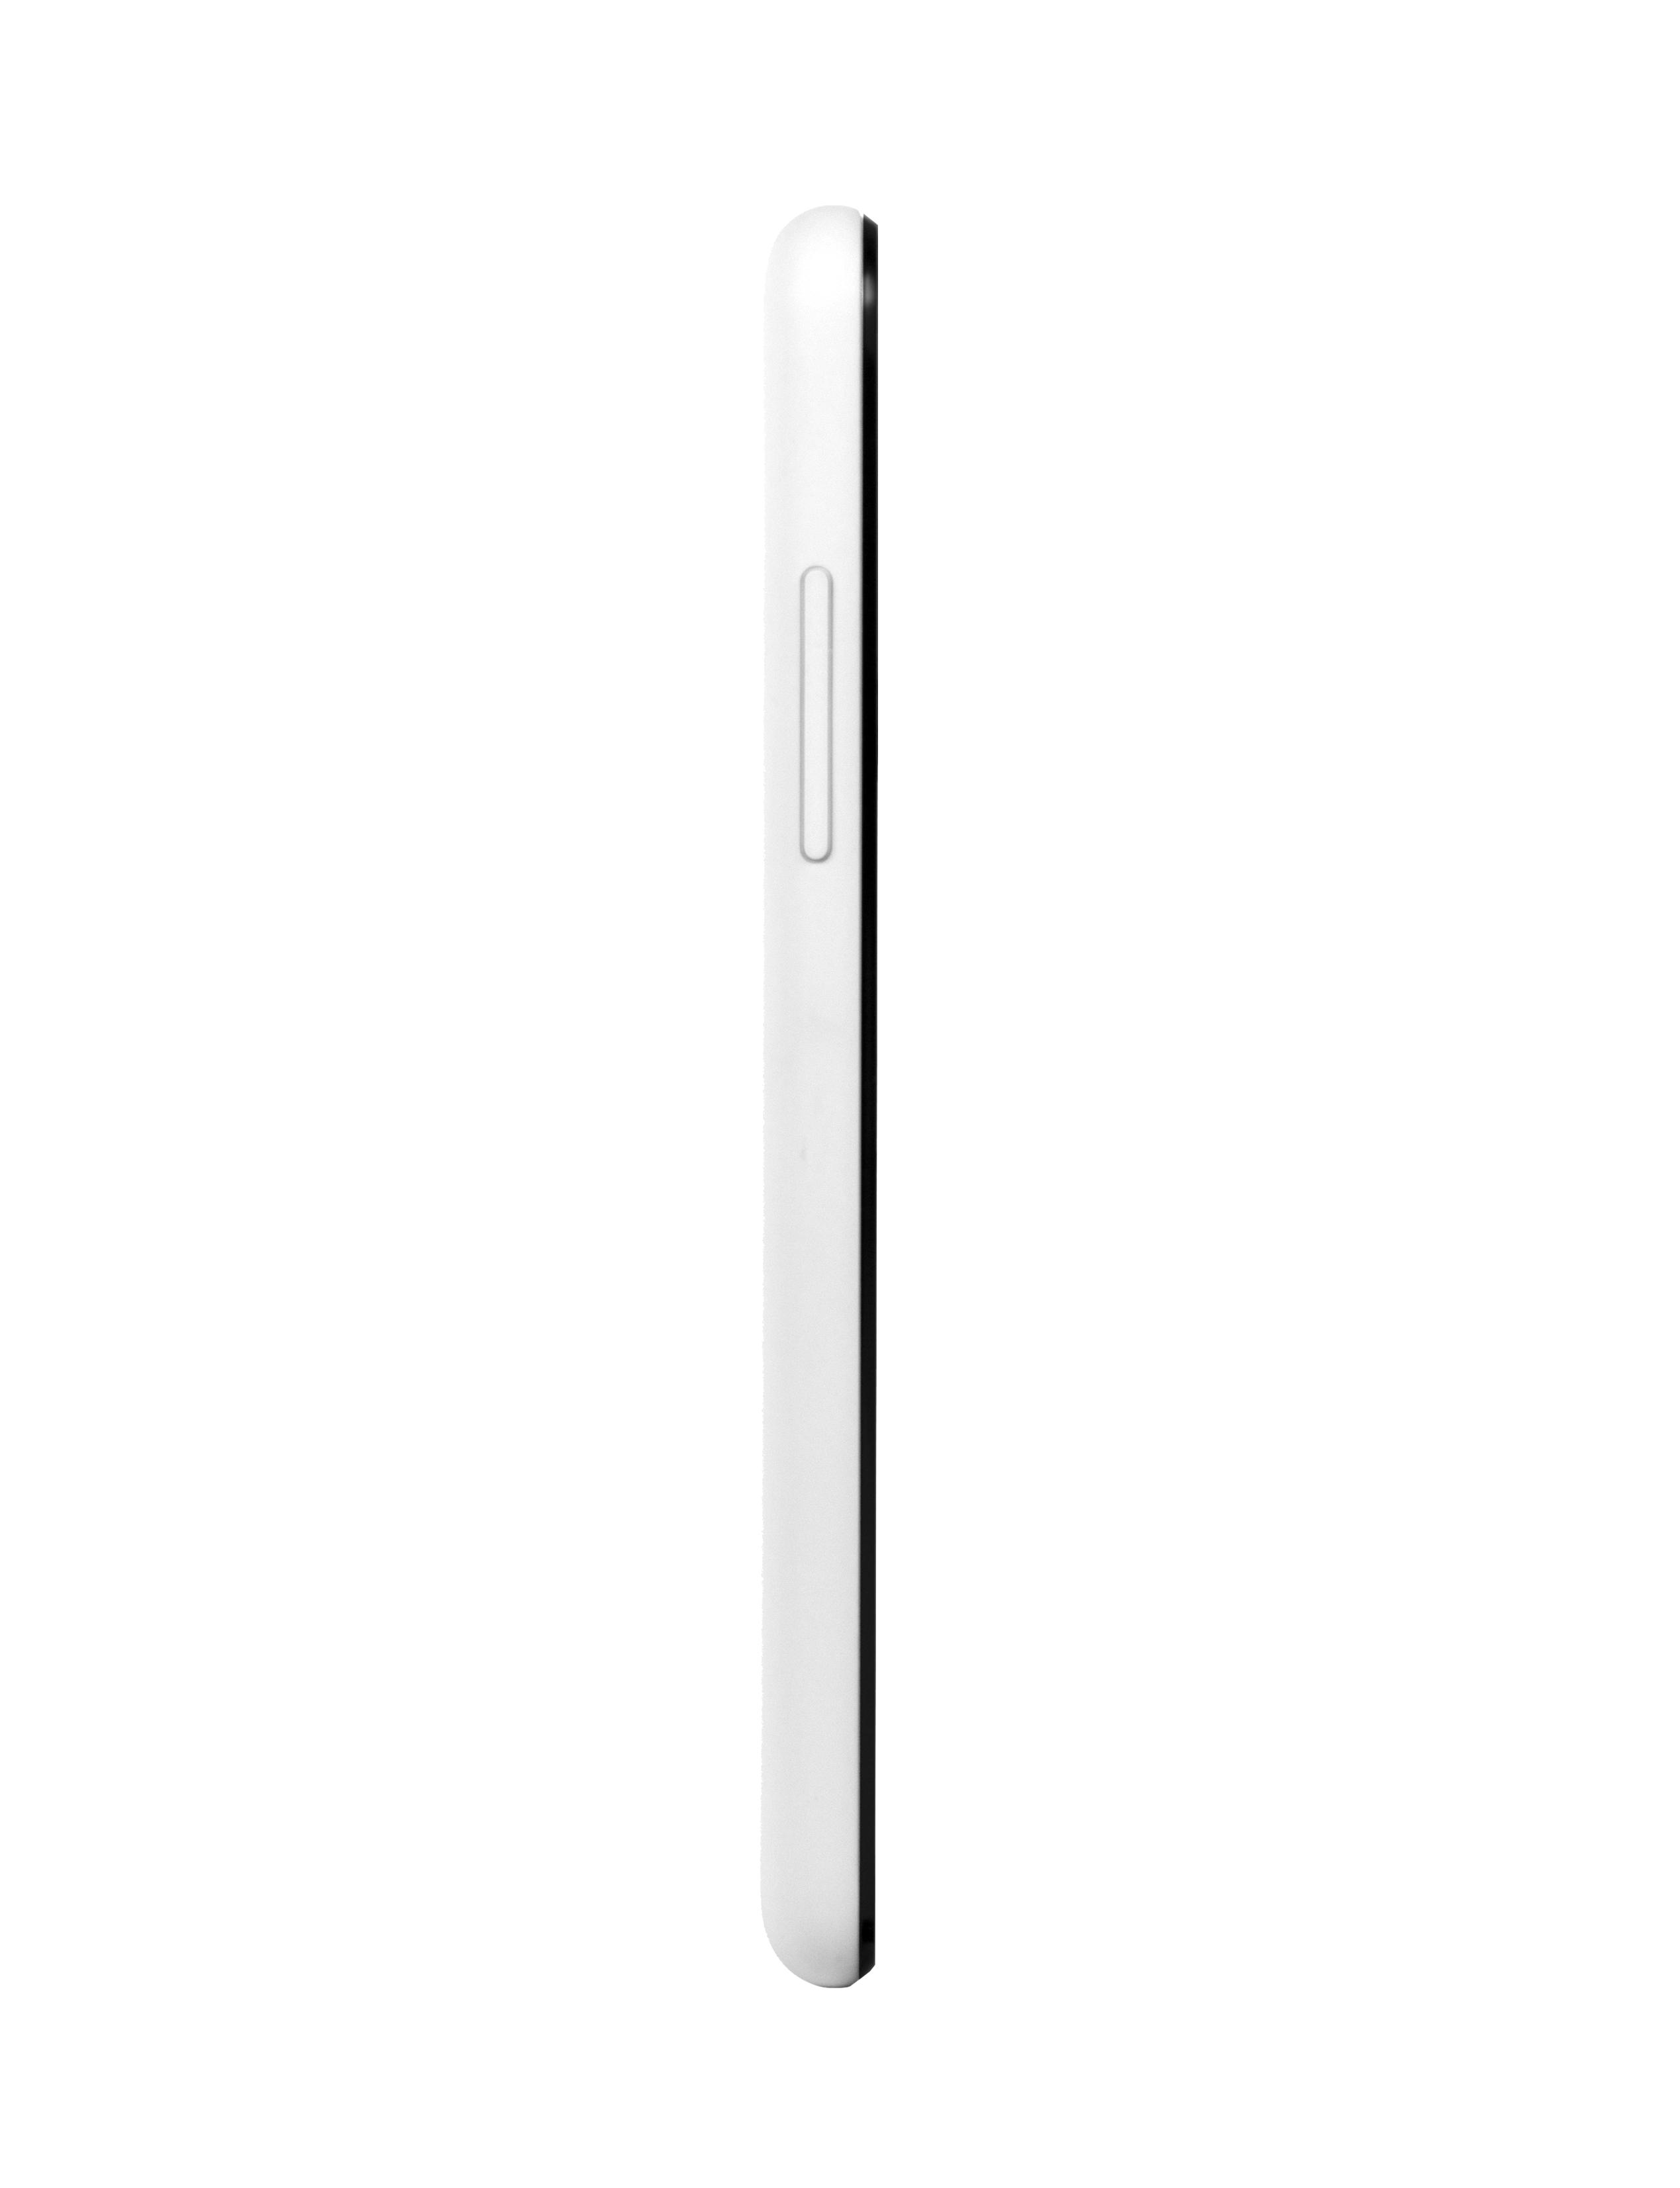 Lanix ilium S520 lateral izquierda